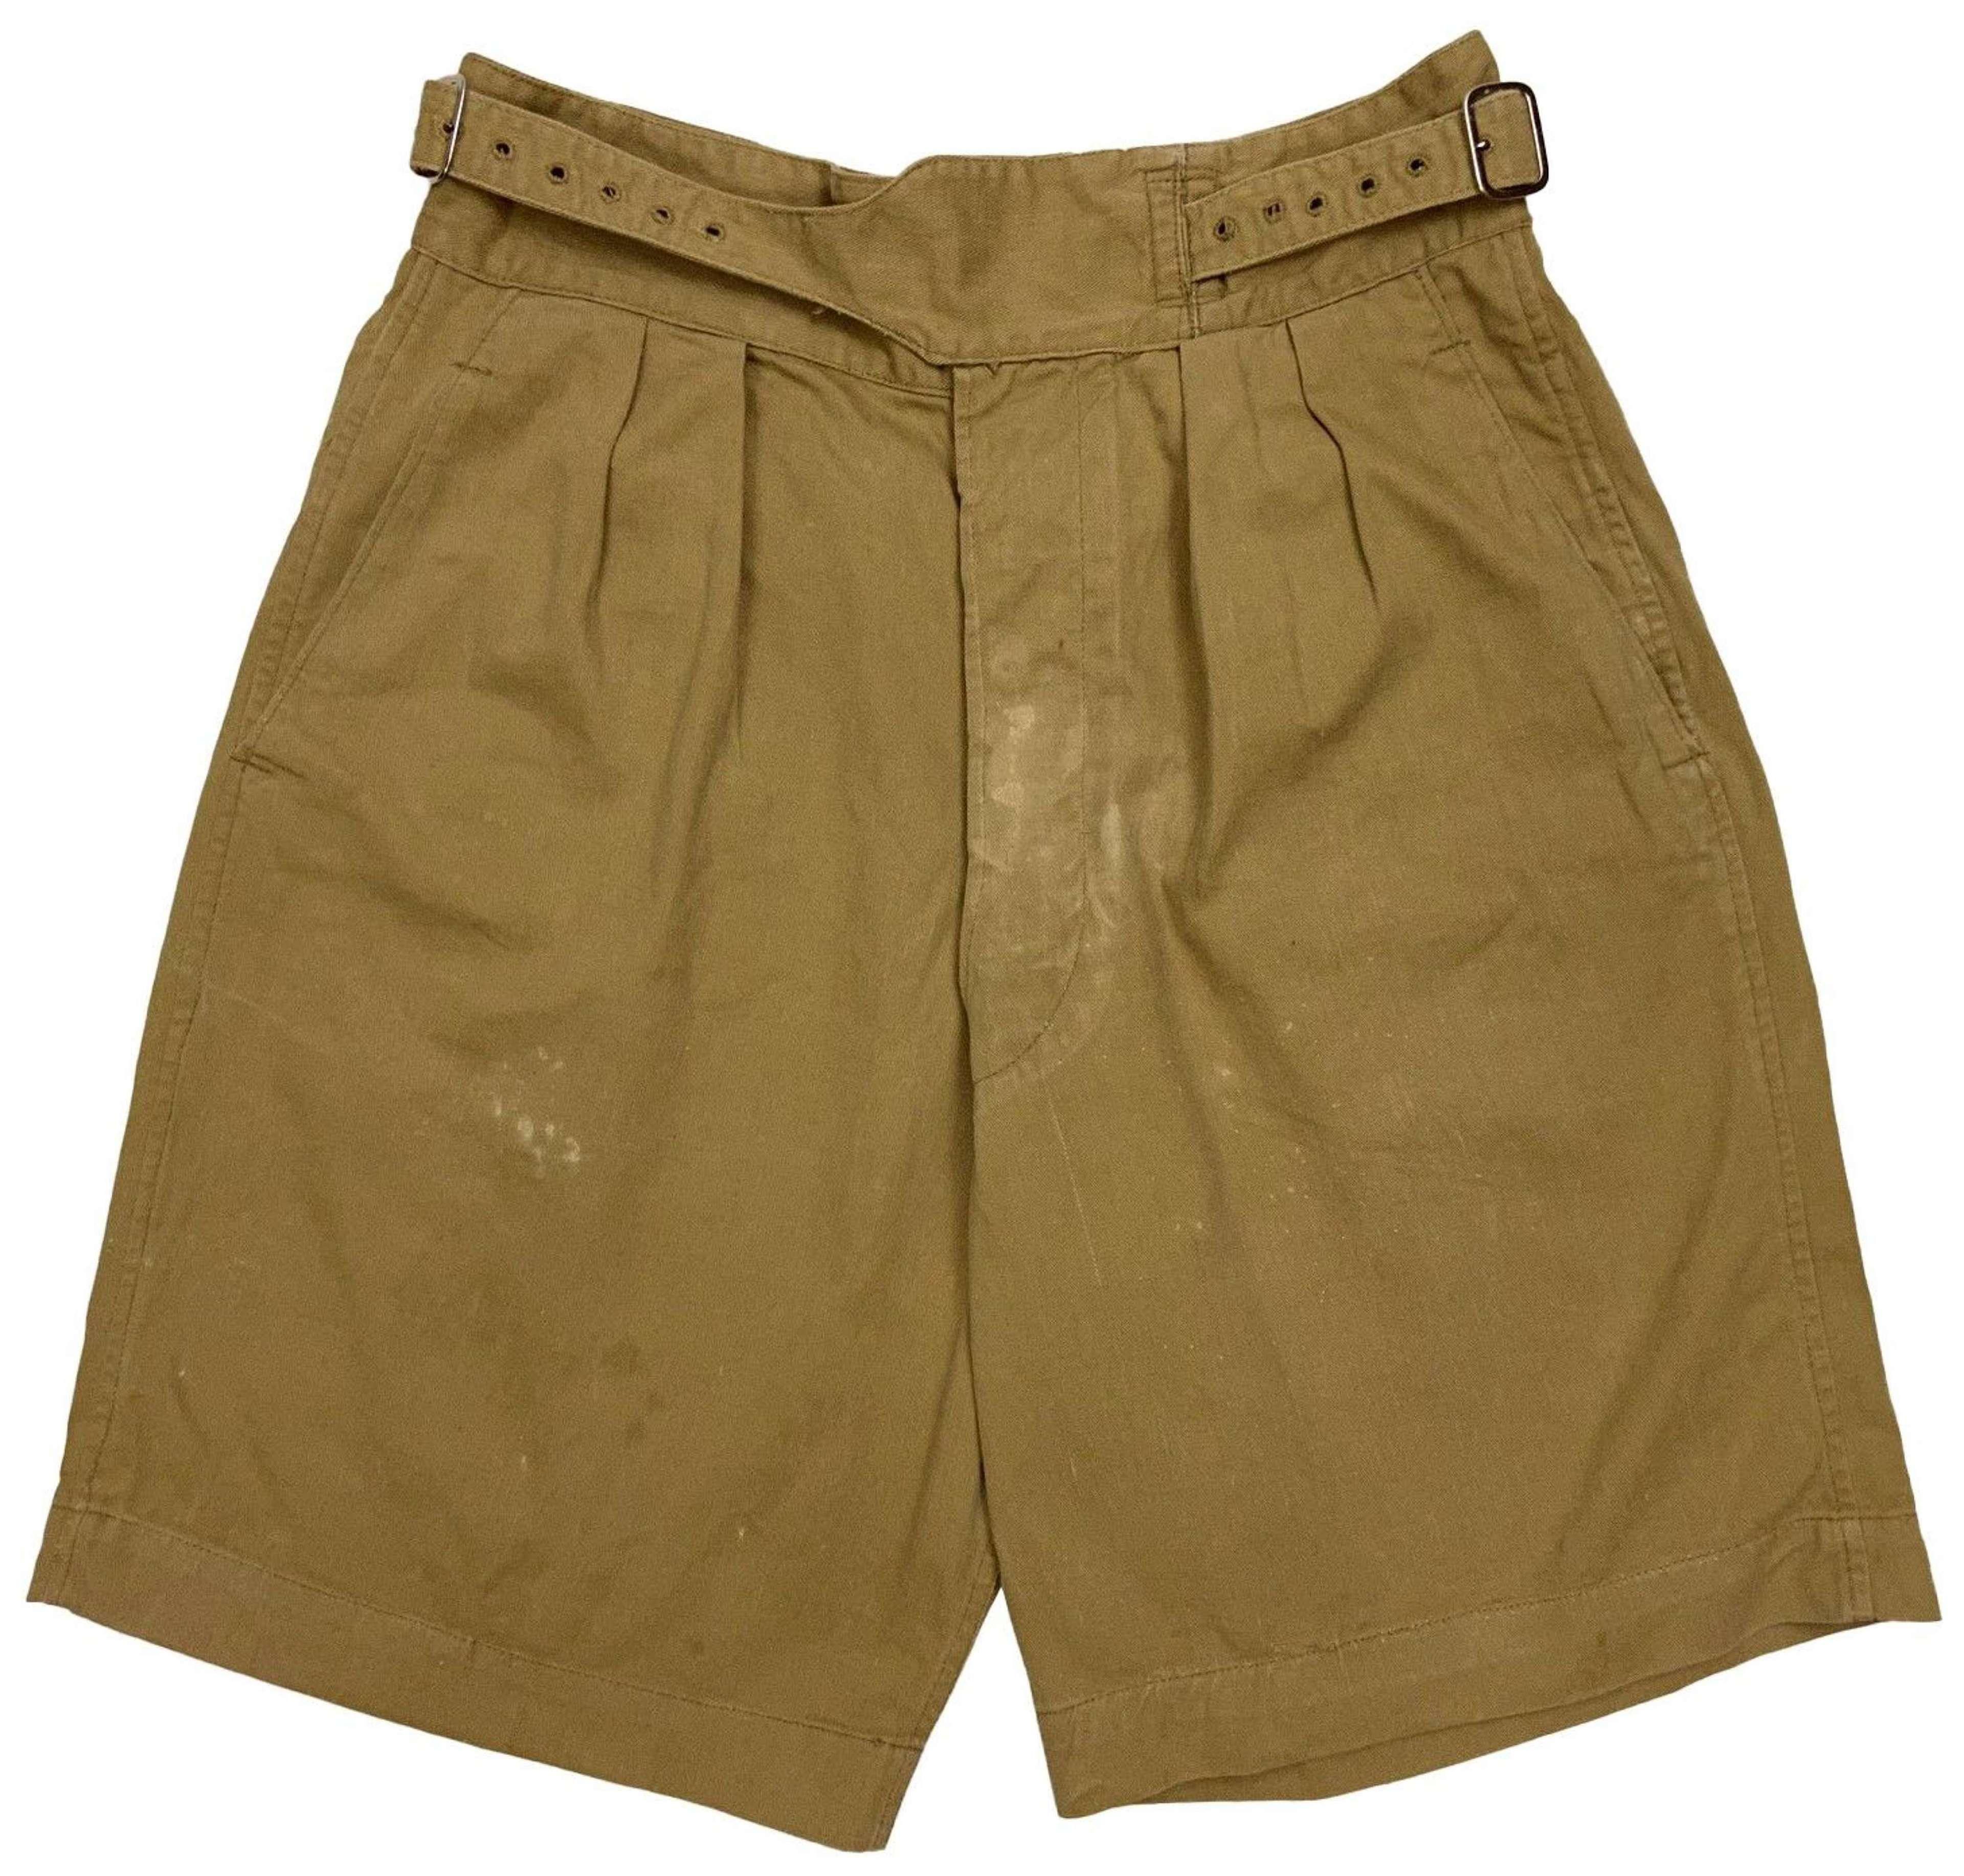 Original 1955 Dated 1950 Pattern Khaki Drill Shorts - Size 8